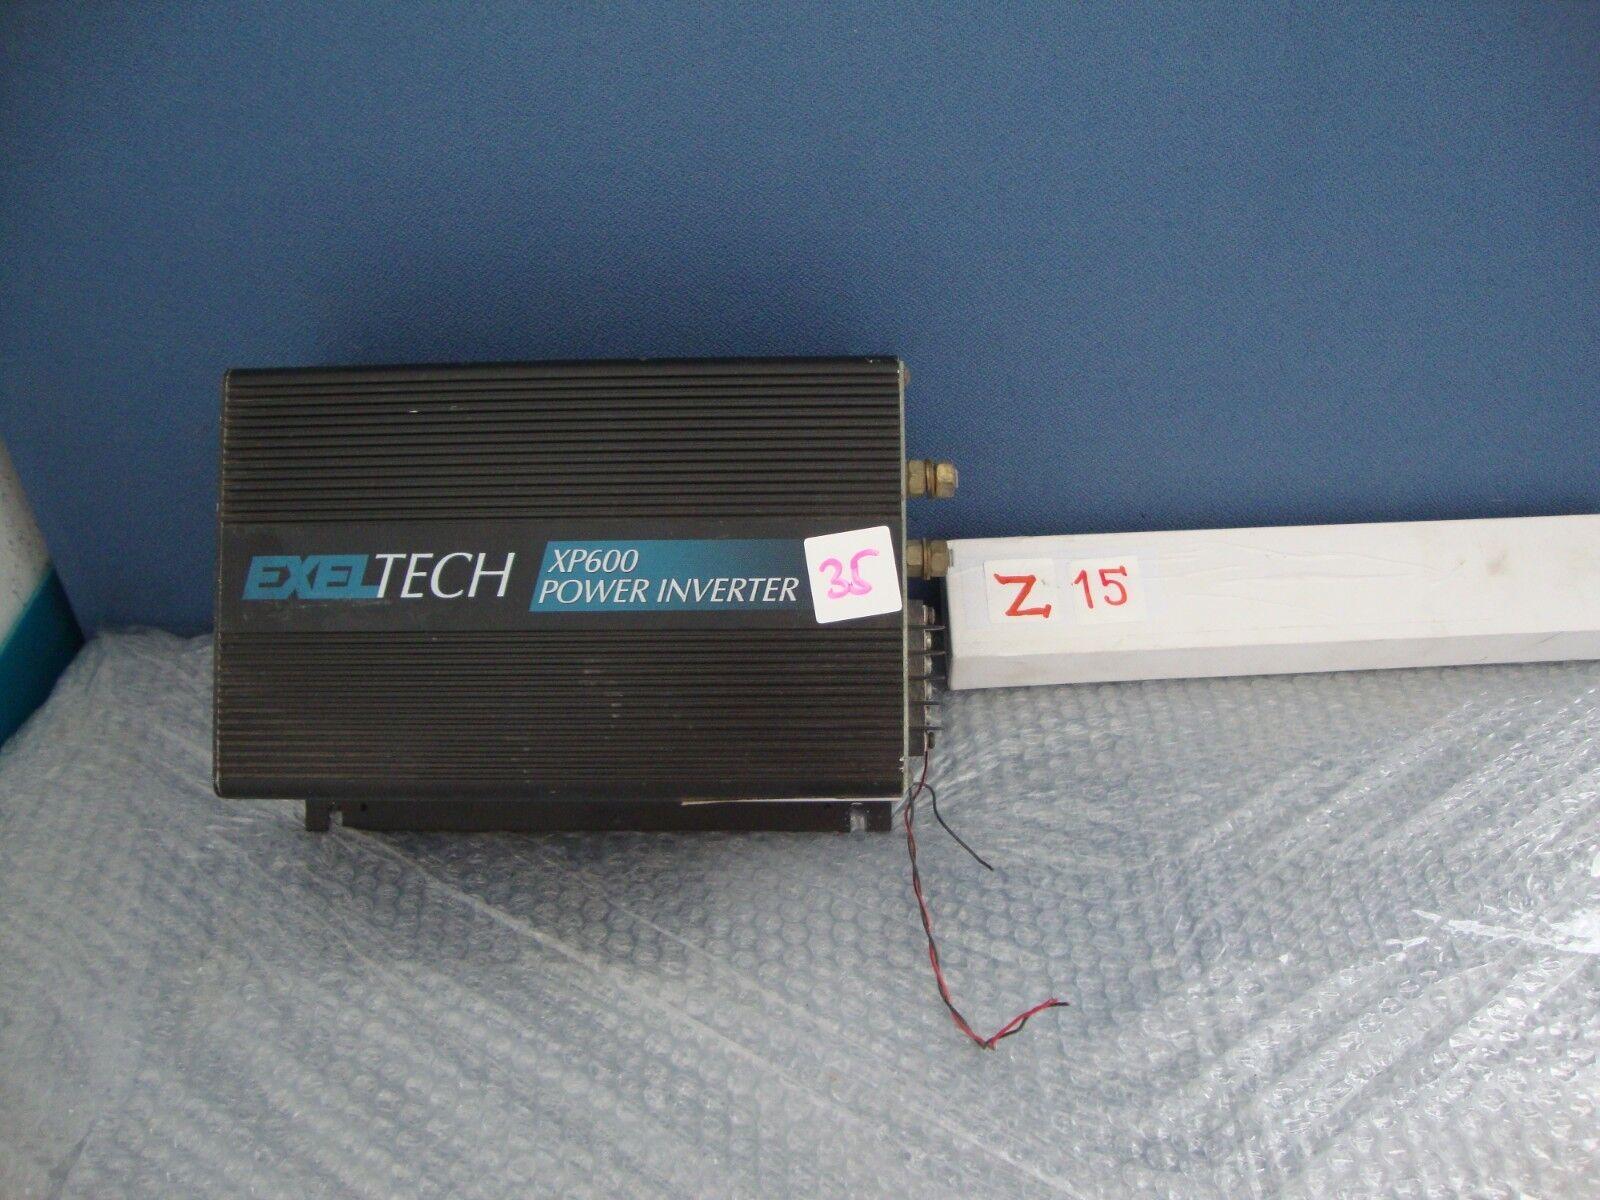 EXELTECH XP600 power Inverter